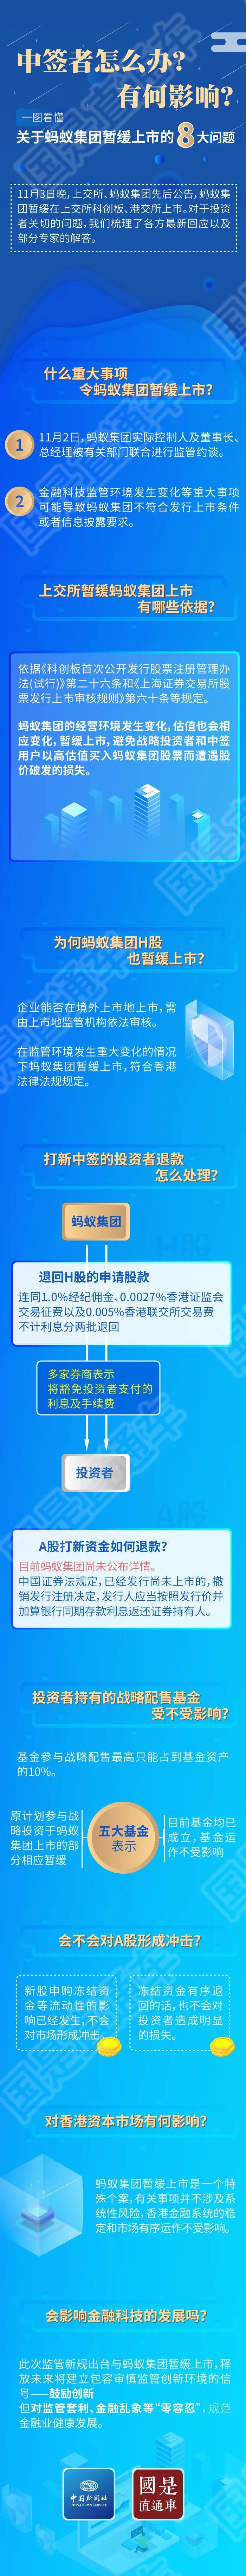 https://n.sinaimg.cn/spider2020116/32/w700h7332/20201106/58d7-kcpxnwv7133149.jpg